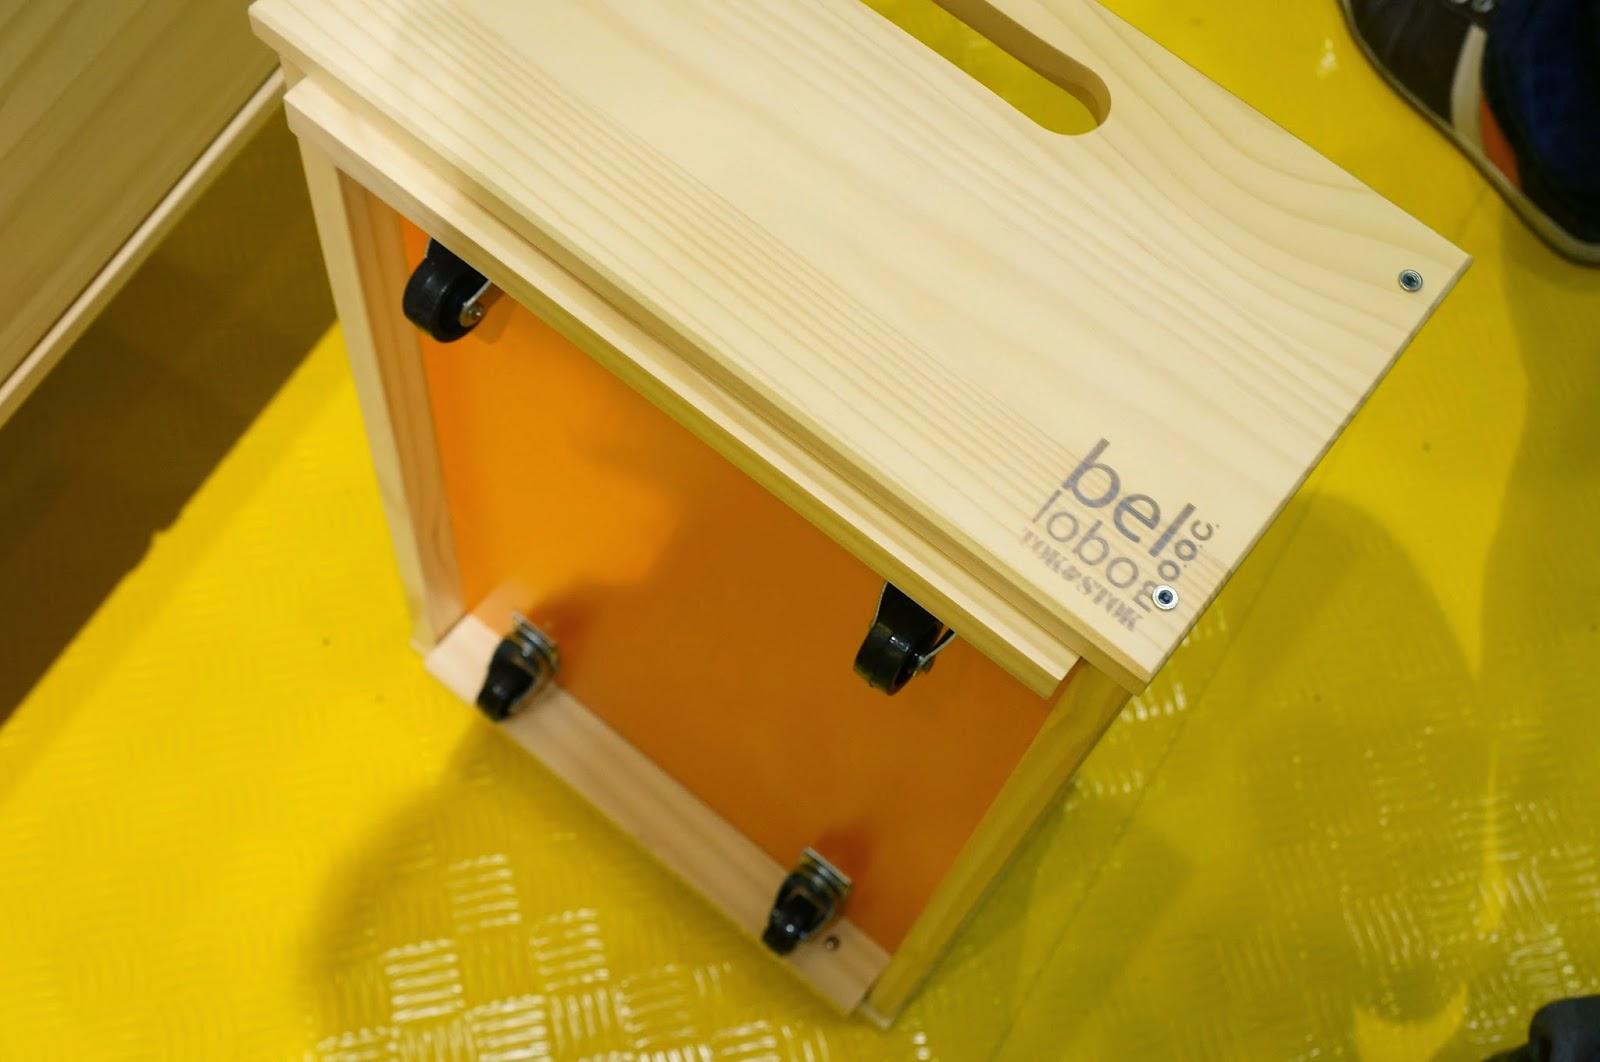 Bel Lobo - Coleção Vira e Mexe - Tok&Stok - caixa organizadora empilhável e com rodízios